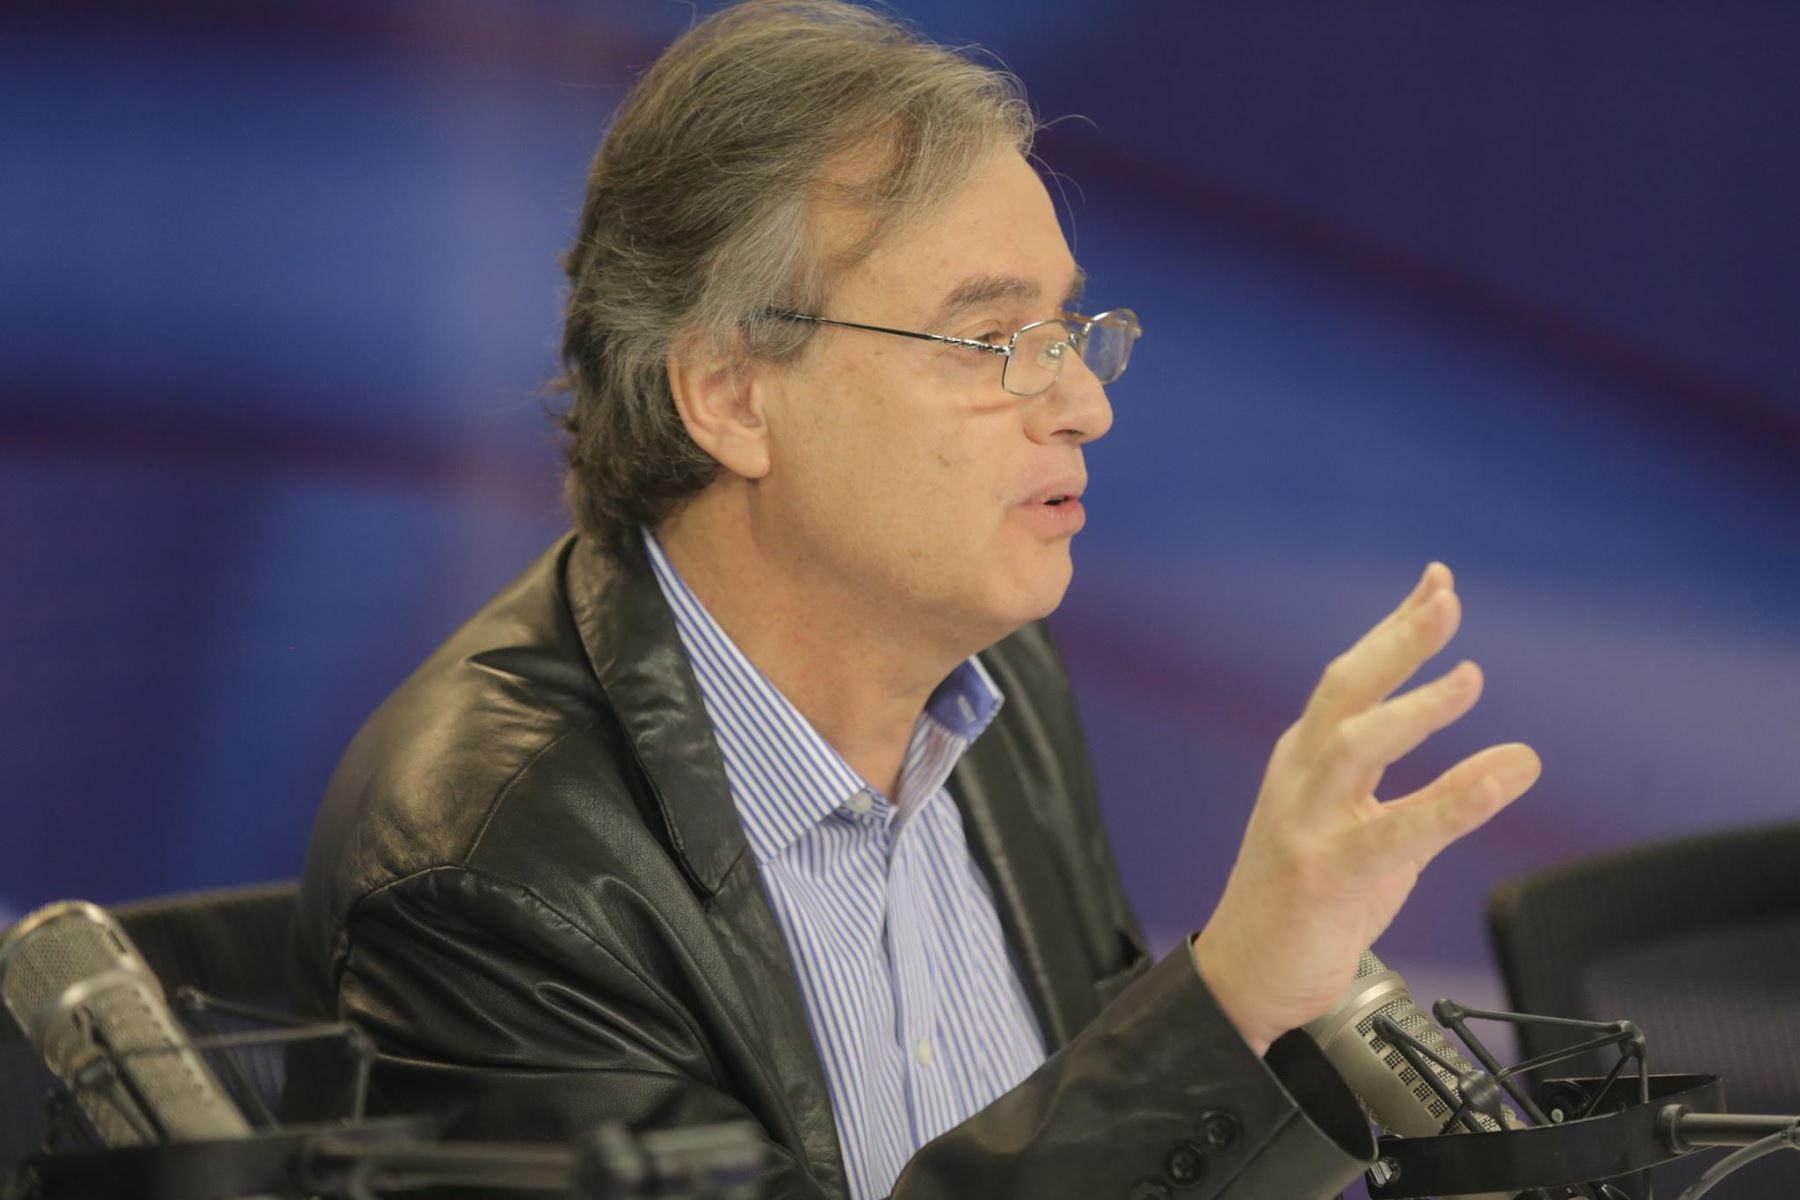 Carlos basombr o ministro del interior foto jhonny laurente for Foto del ministro del interior